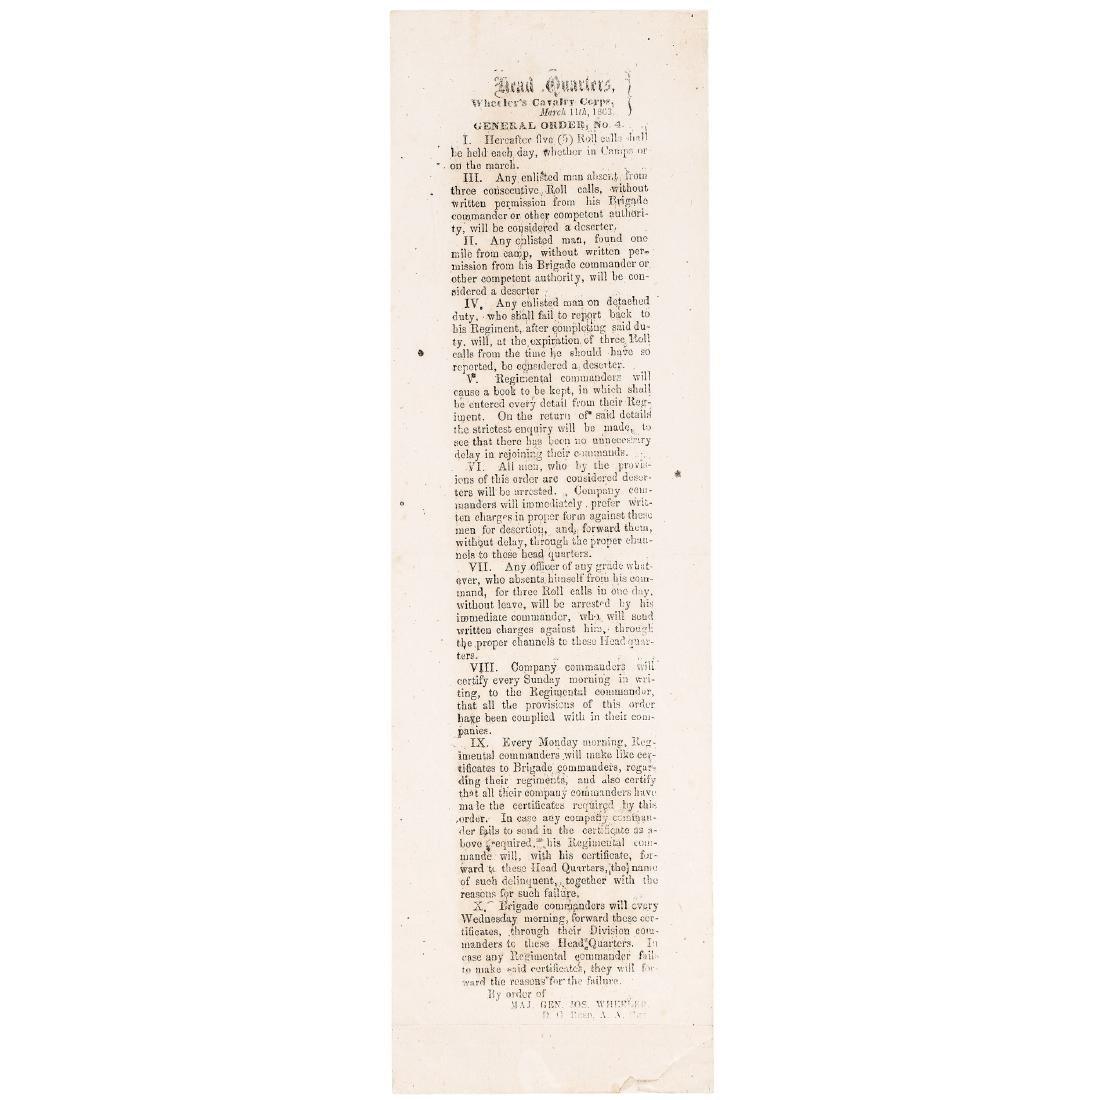 1863 Confederate Field Press Printed Broadside